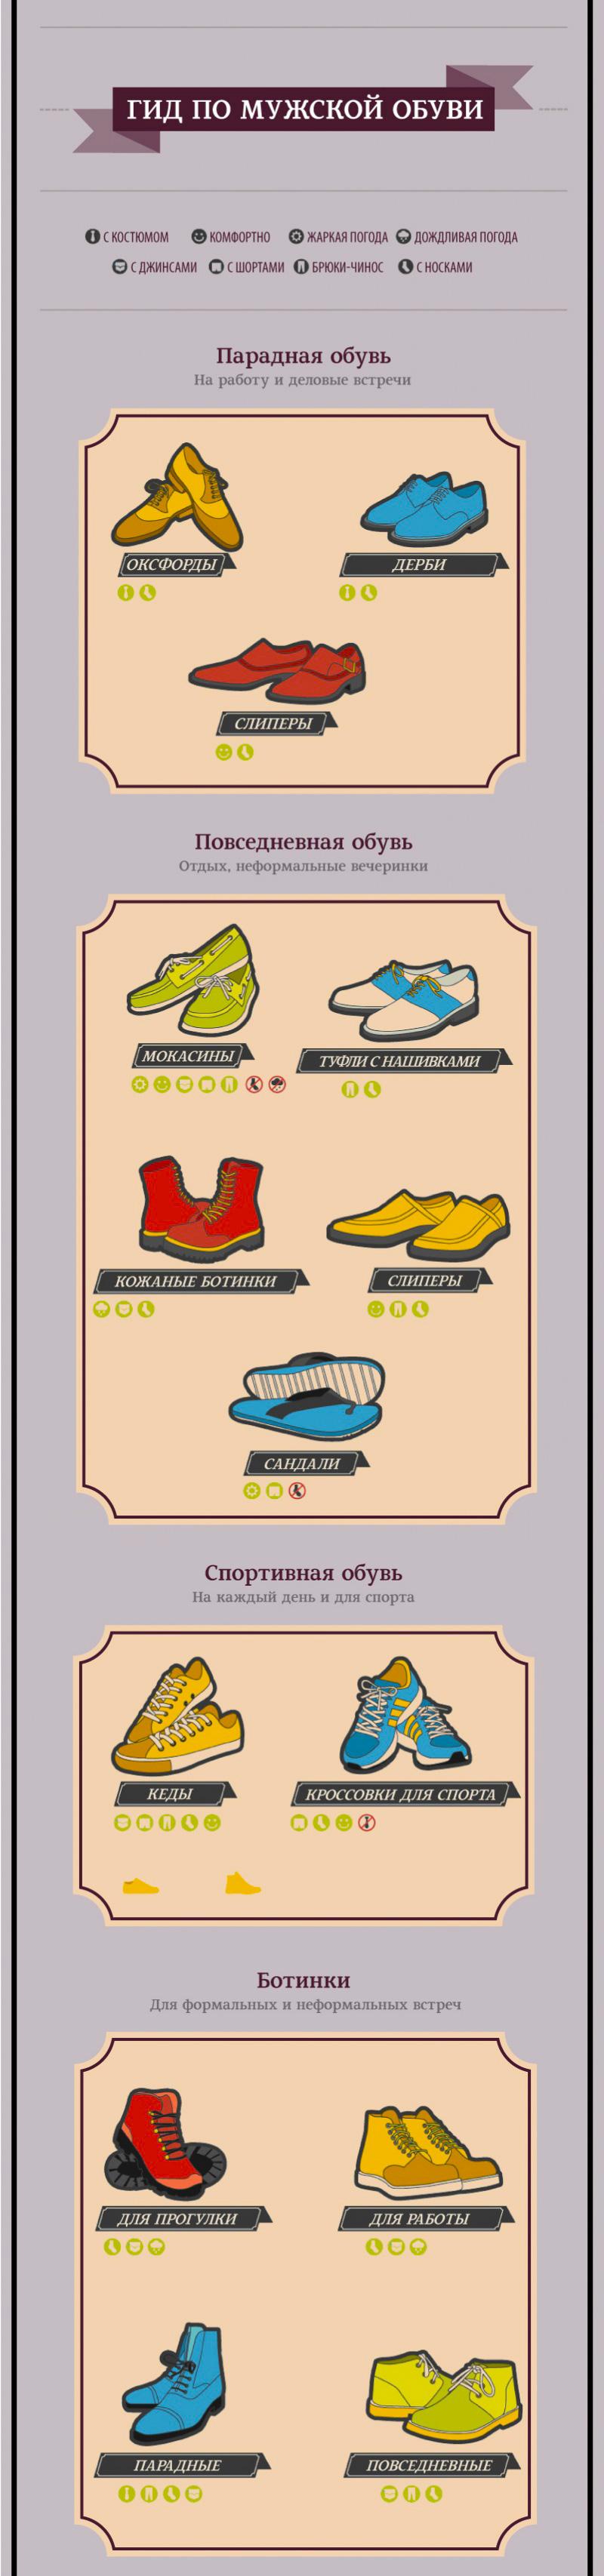 Гид по мужскому костюму - мужская обувь.